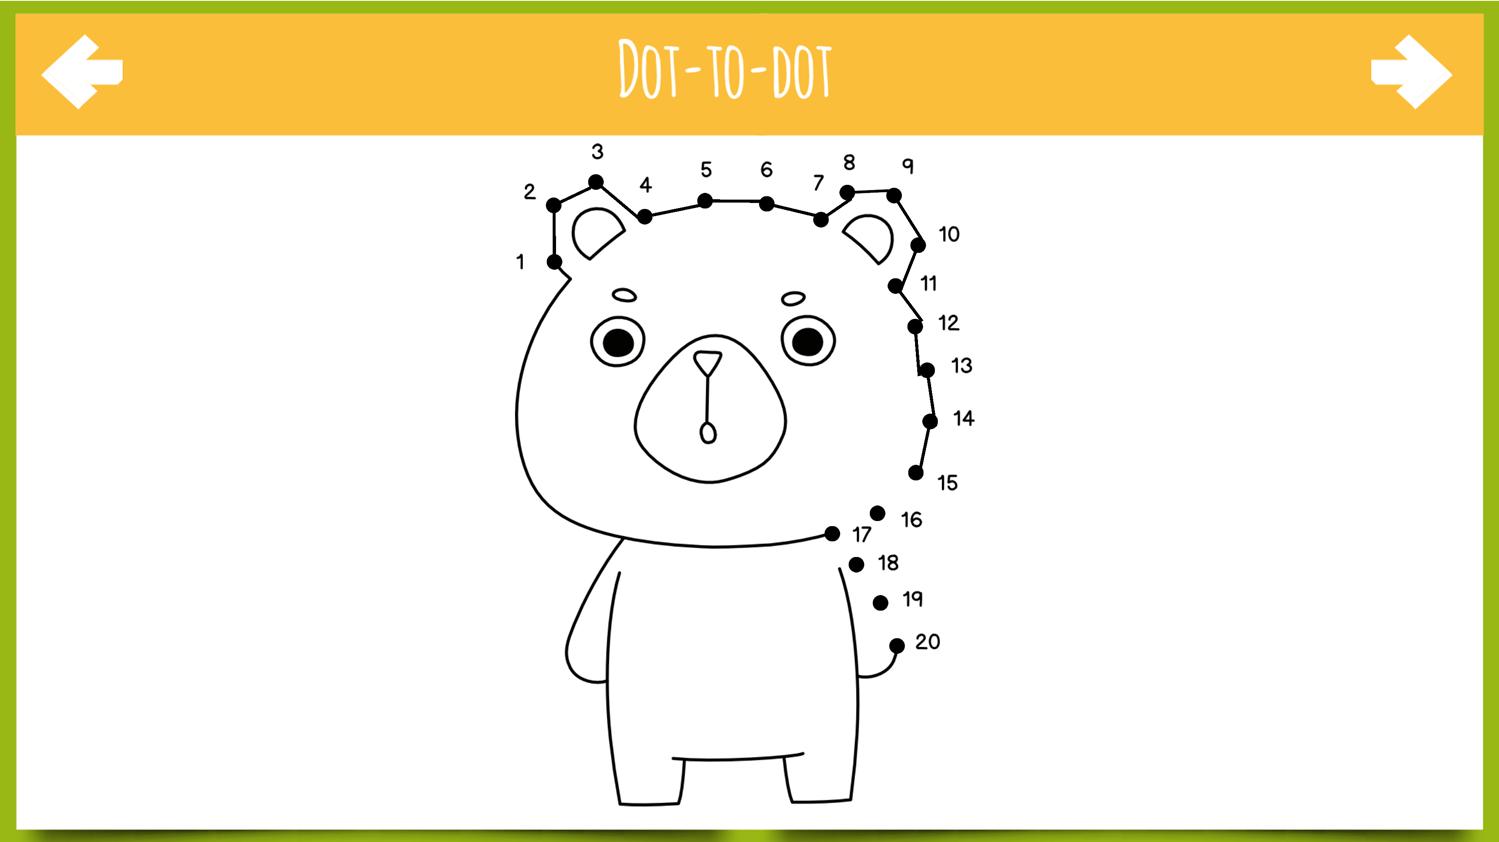 Dot to Dot Animals Game Screenshot.